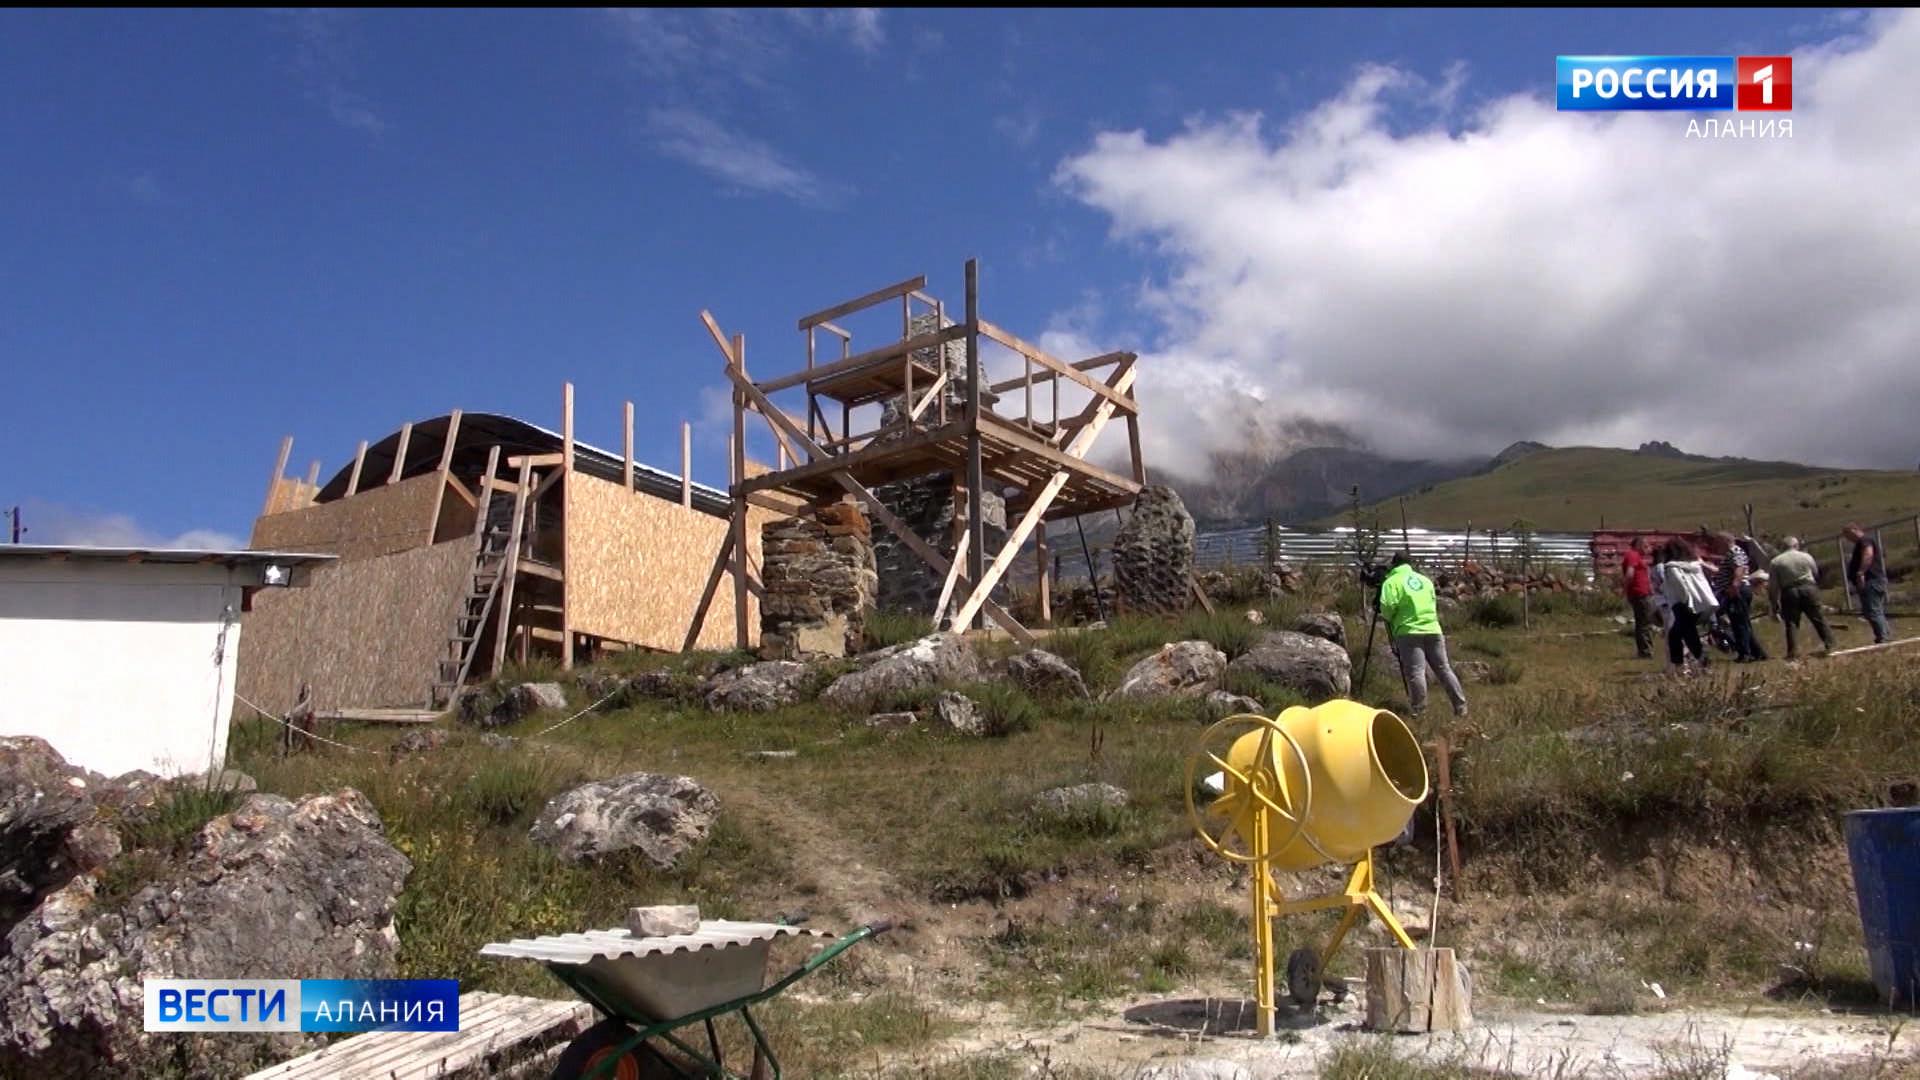 В рамках подготовки к празднованию 1100-летию крещения Алании в Северной Осетии отреставрируют 14 объектов культурного наследия